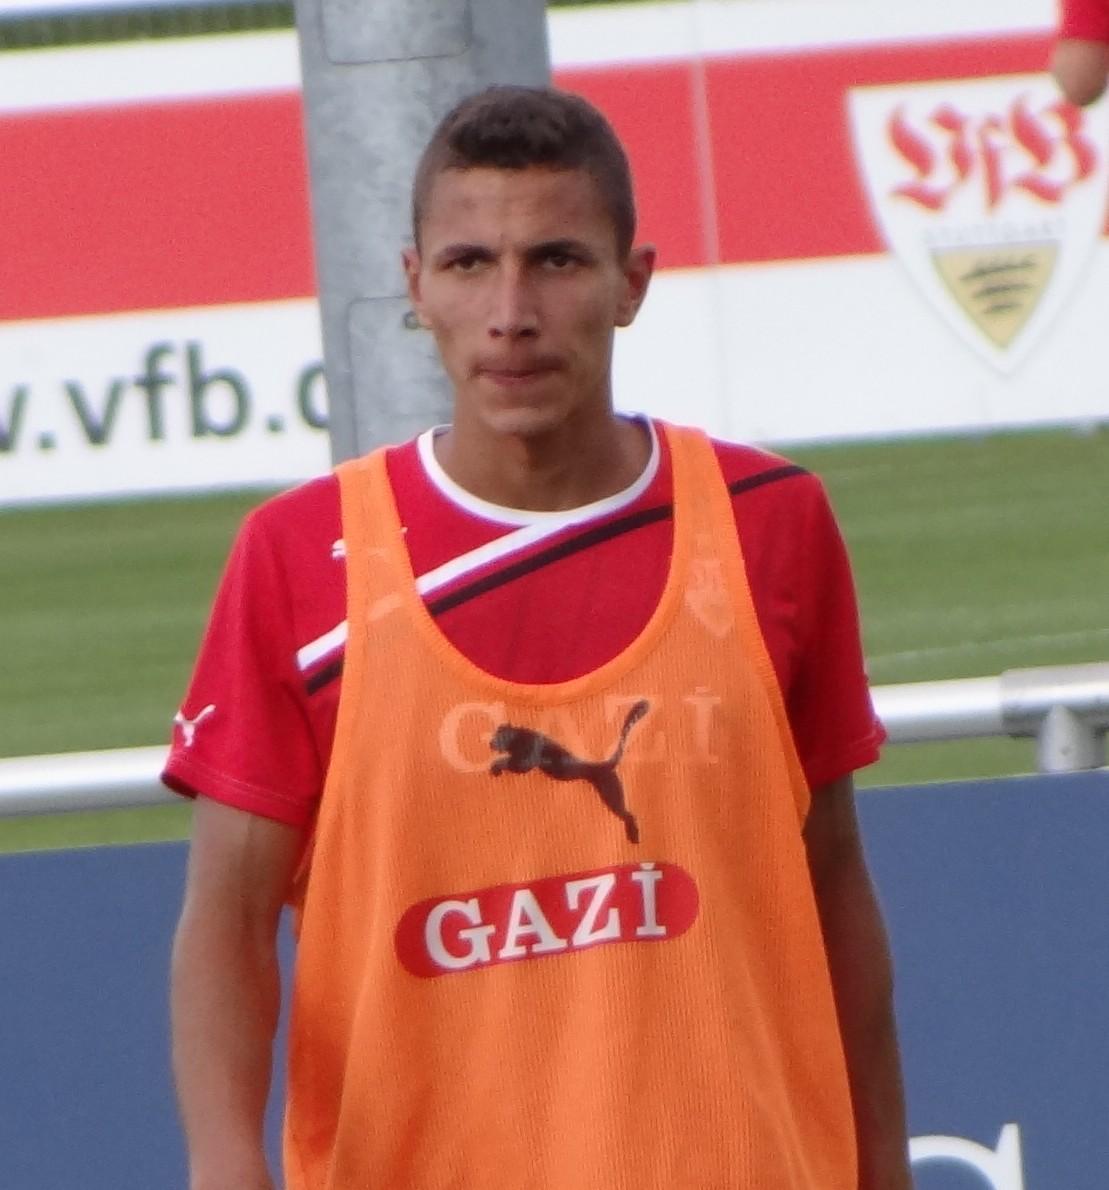 Soufian Benyamina